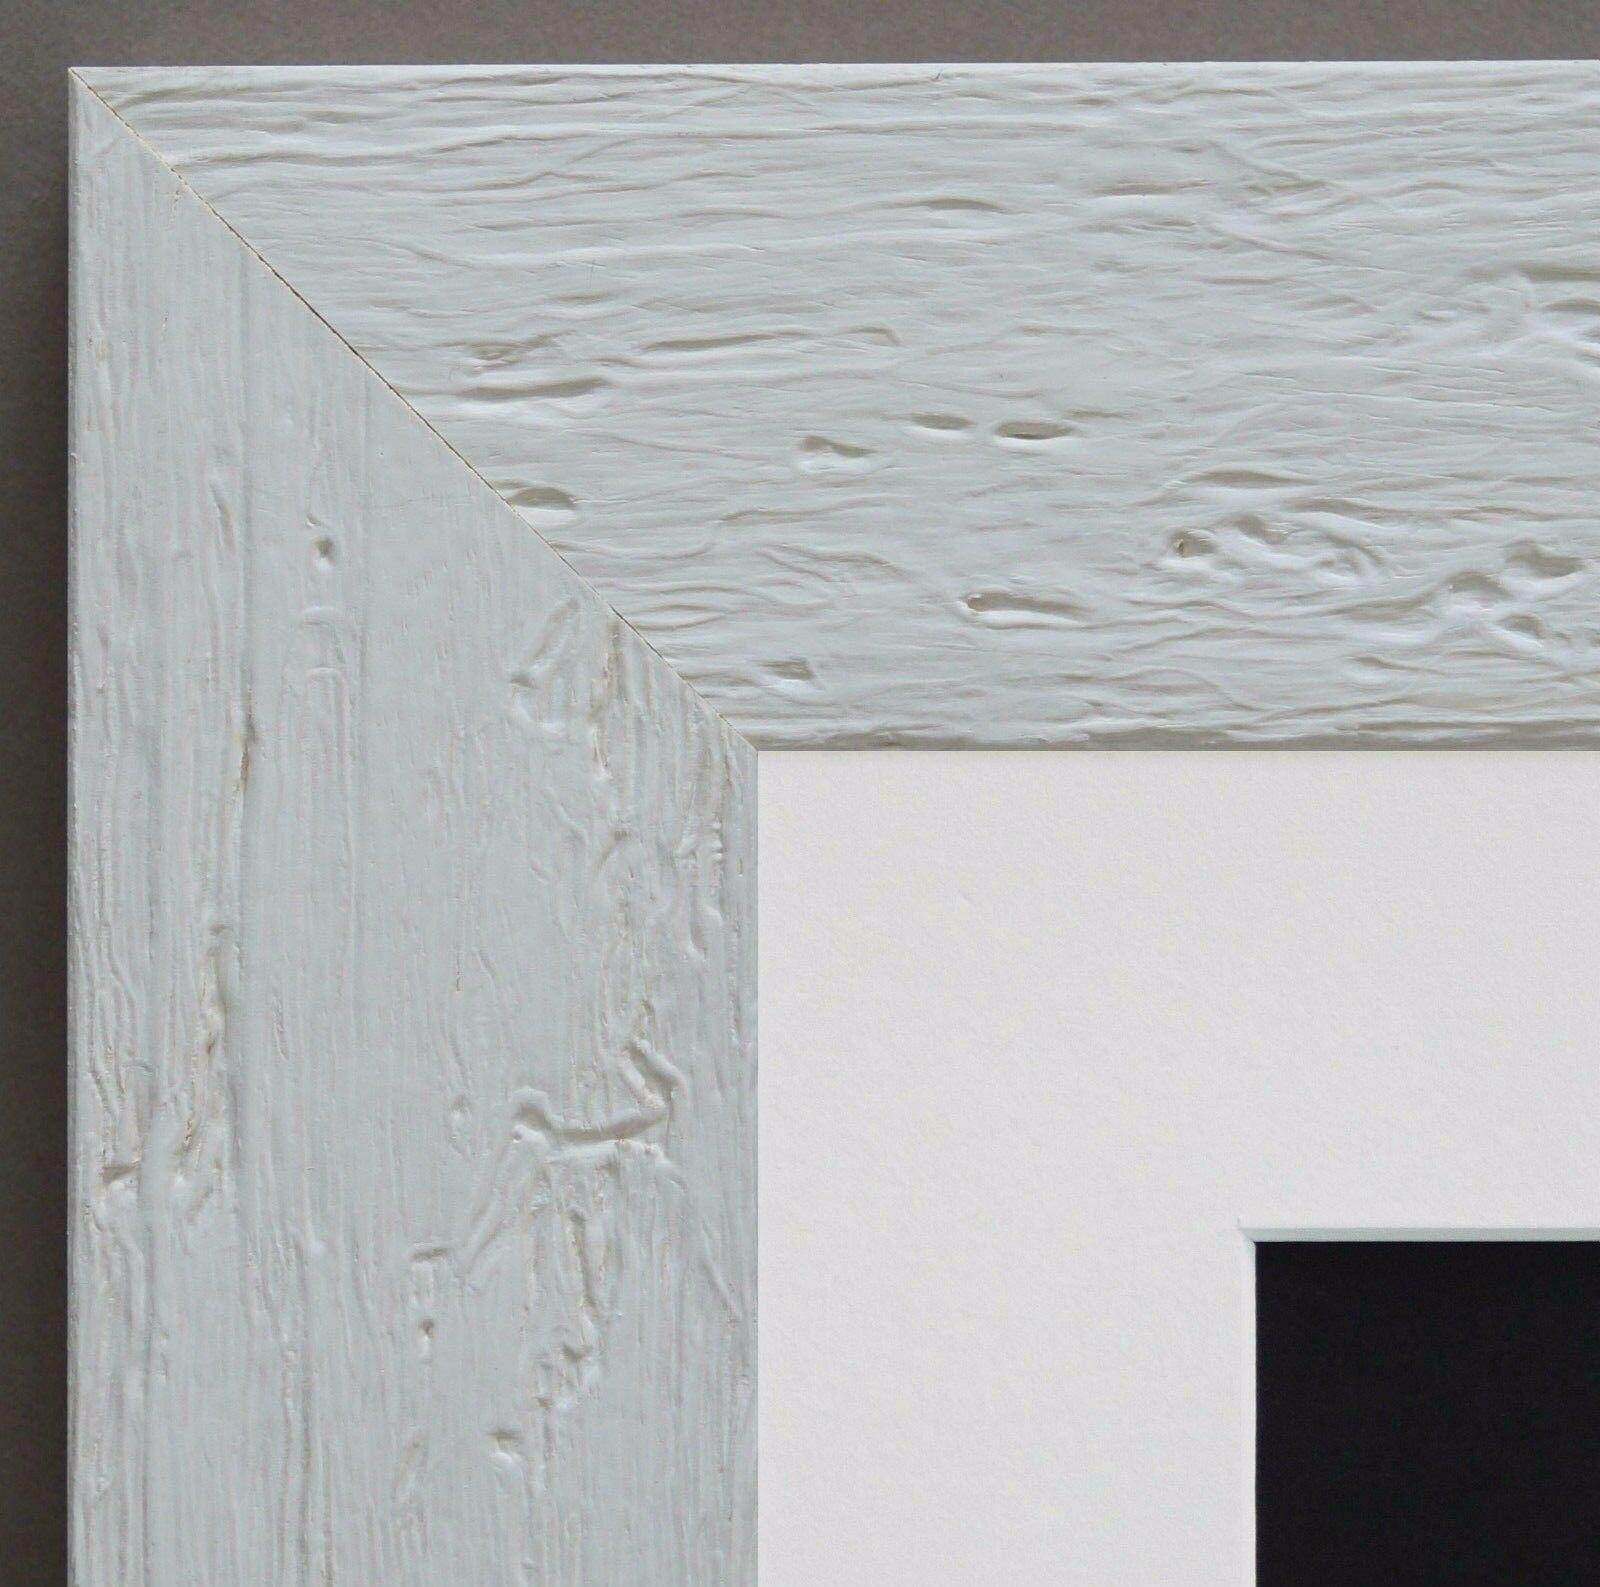 Fein Weiß 12x12 Bilderrahmen Ideen - Benutzerdefinierte Bilderrahmen ...